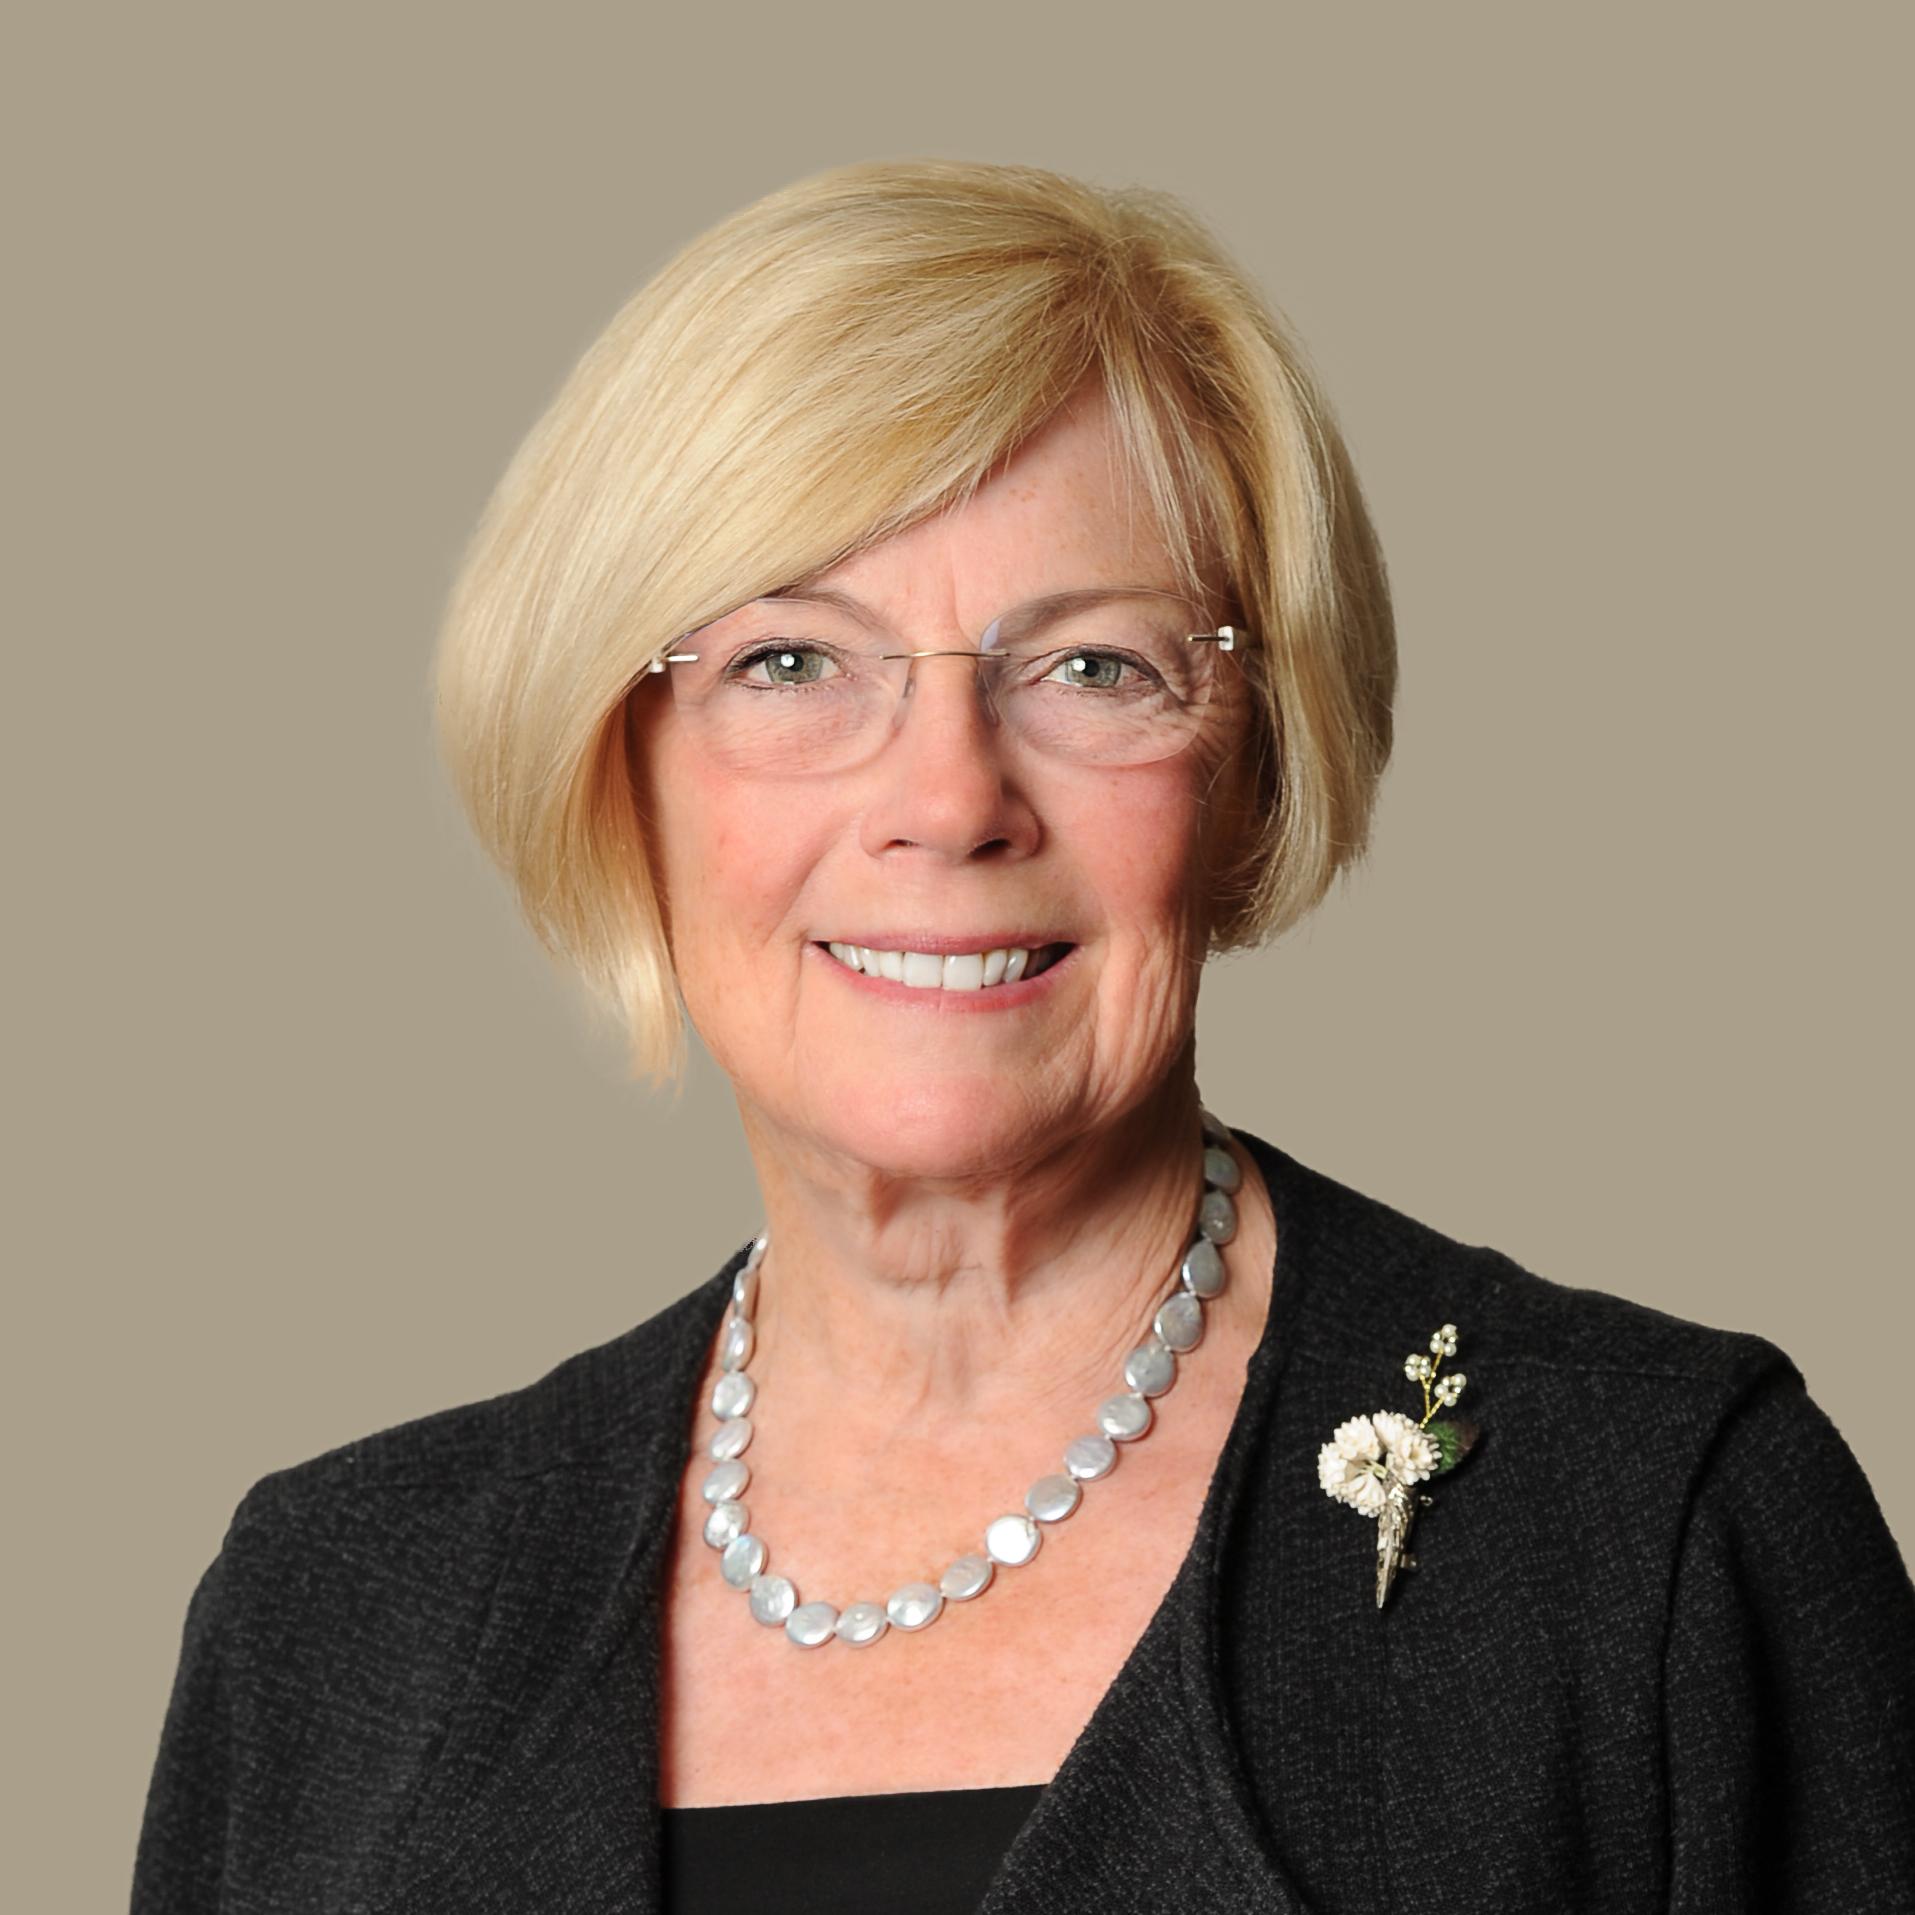 Margaret Tansey